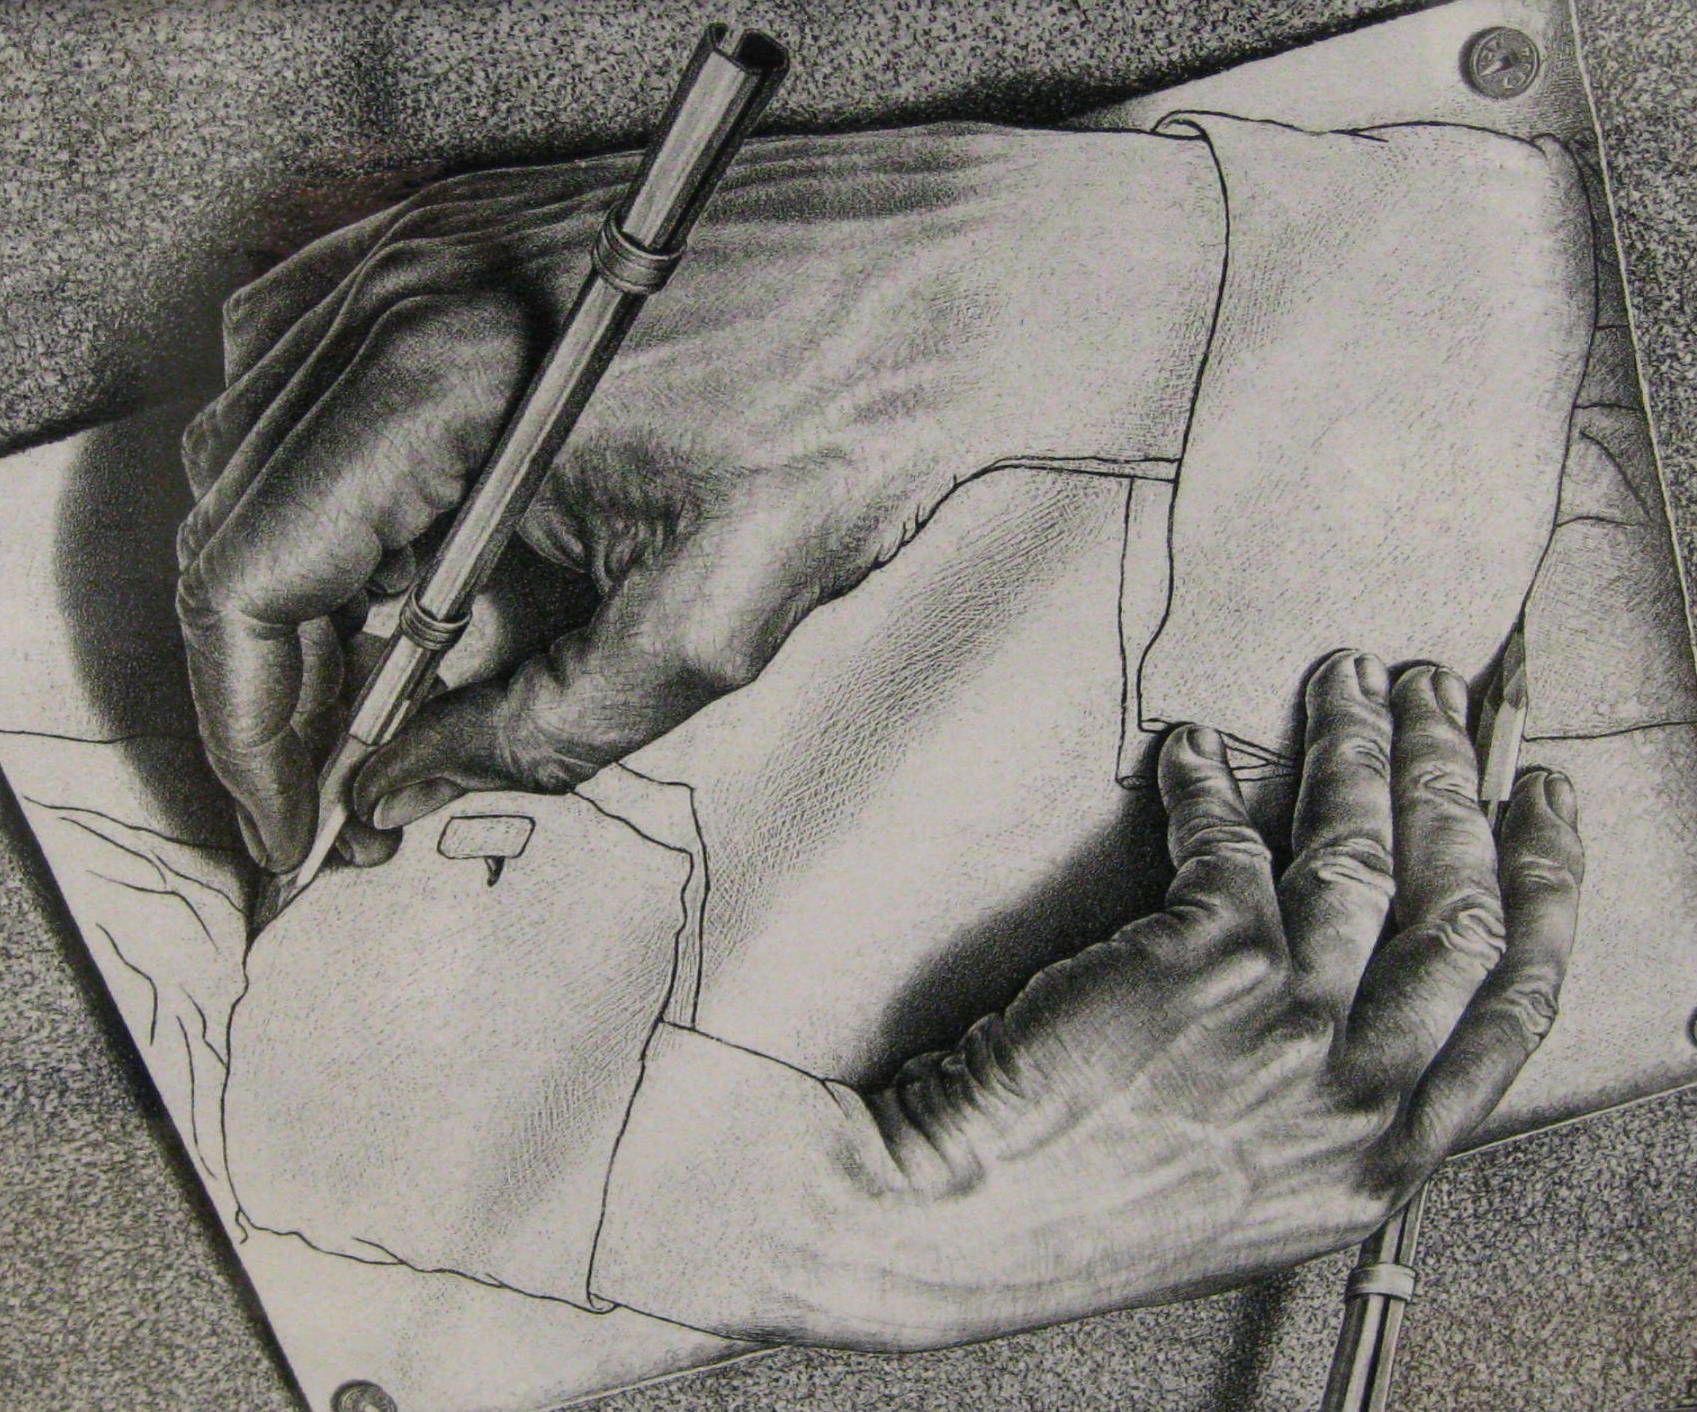 1697x1412 M.c. Escher Hands Drawing Hands (Optical Illusion Art). Shared By